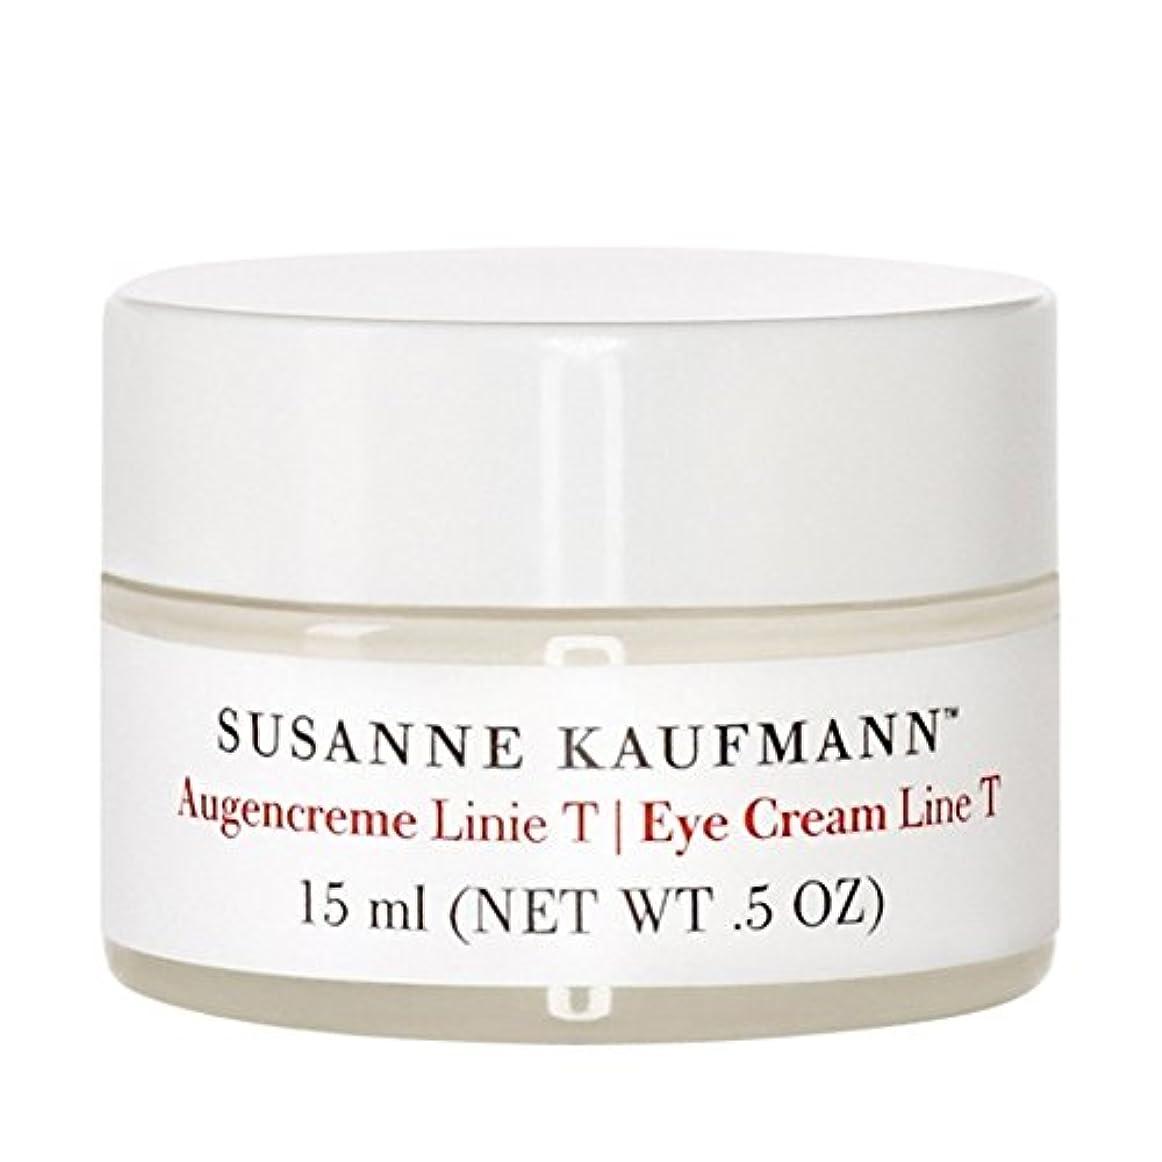 紫の検査官不器用Susanne Kaufmann Eye Cream Line T 15ml - スザンヌカウフマンアイクリームライントンの15ミリリットル [並行輸入品]